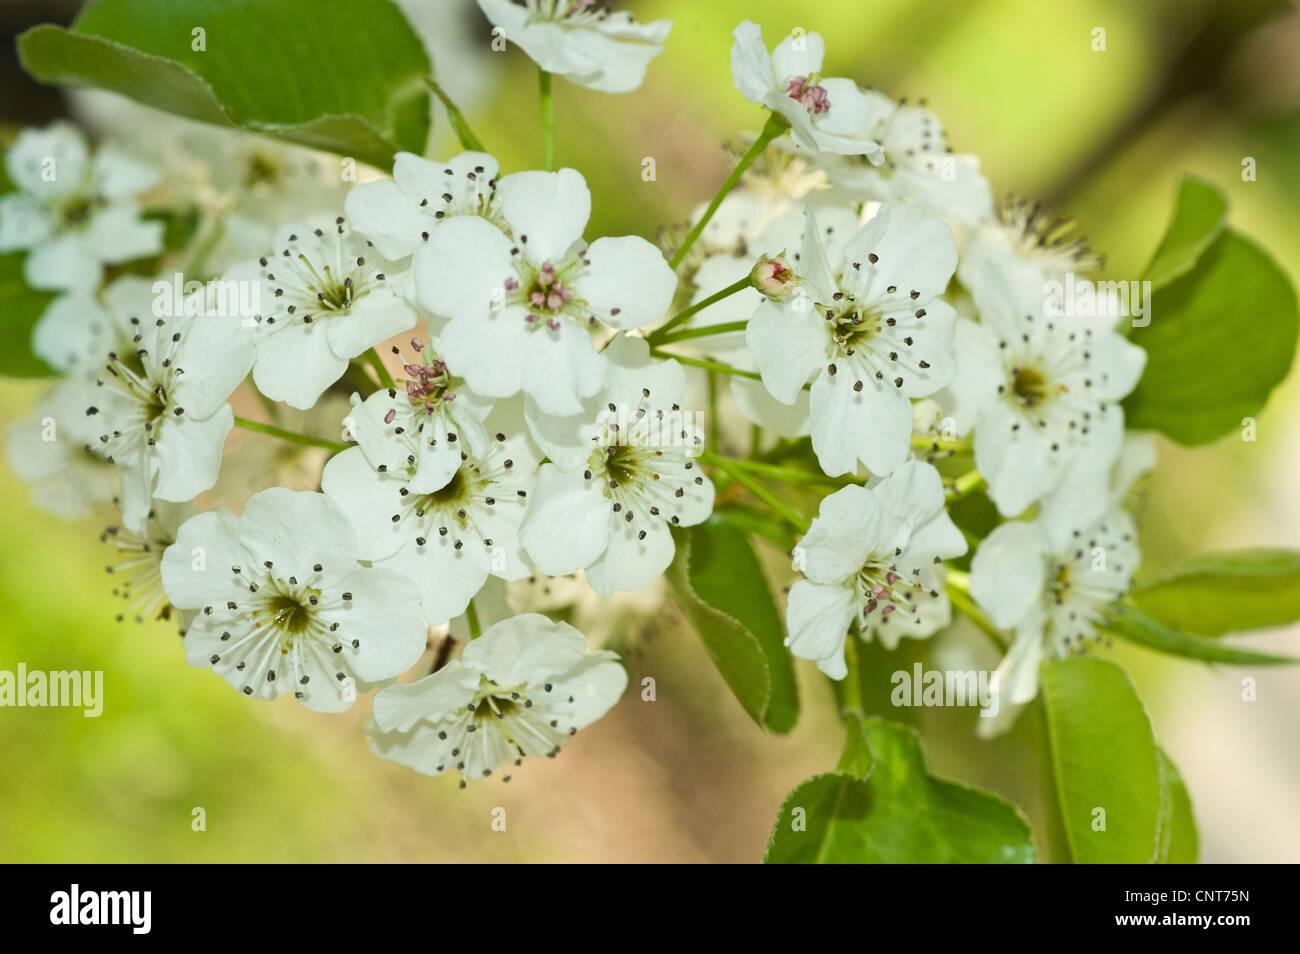 Many white flowers of crabapple tree stock photos many white many white flowers of crabapple tree malus stock image mightylinksfo